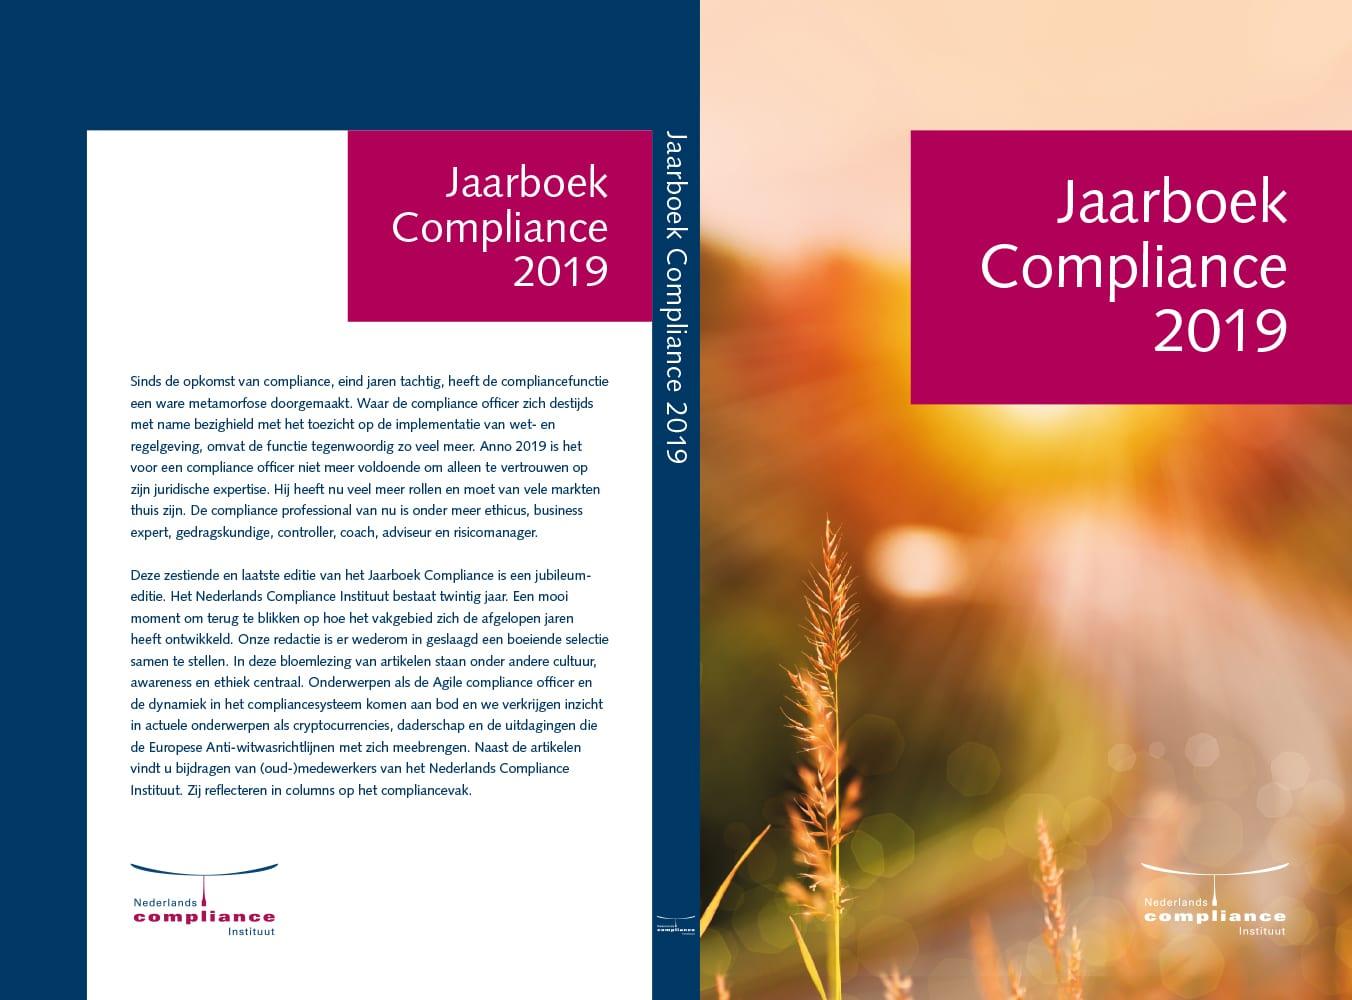 Jaarboek Compliance 2019 omslag